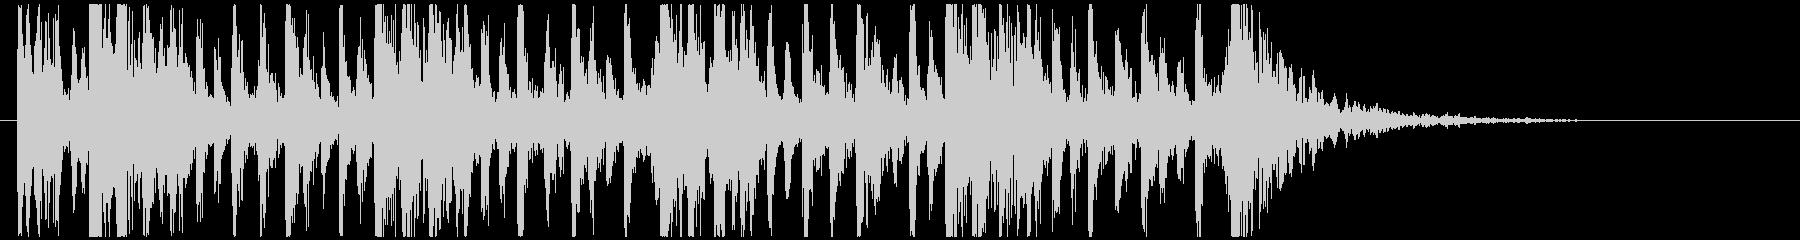 和太鼓のフレーズ1。残響なしBPM120の未再生の波形